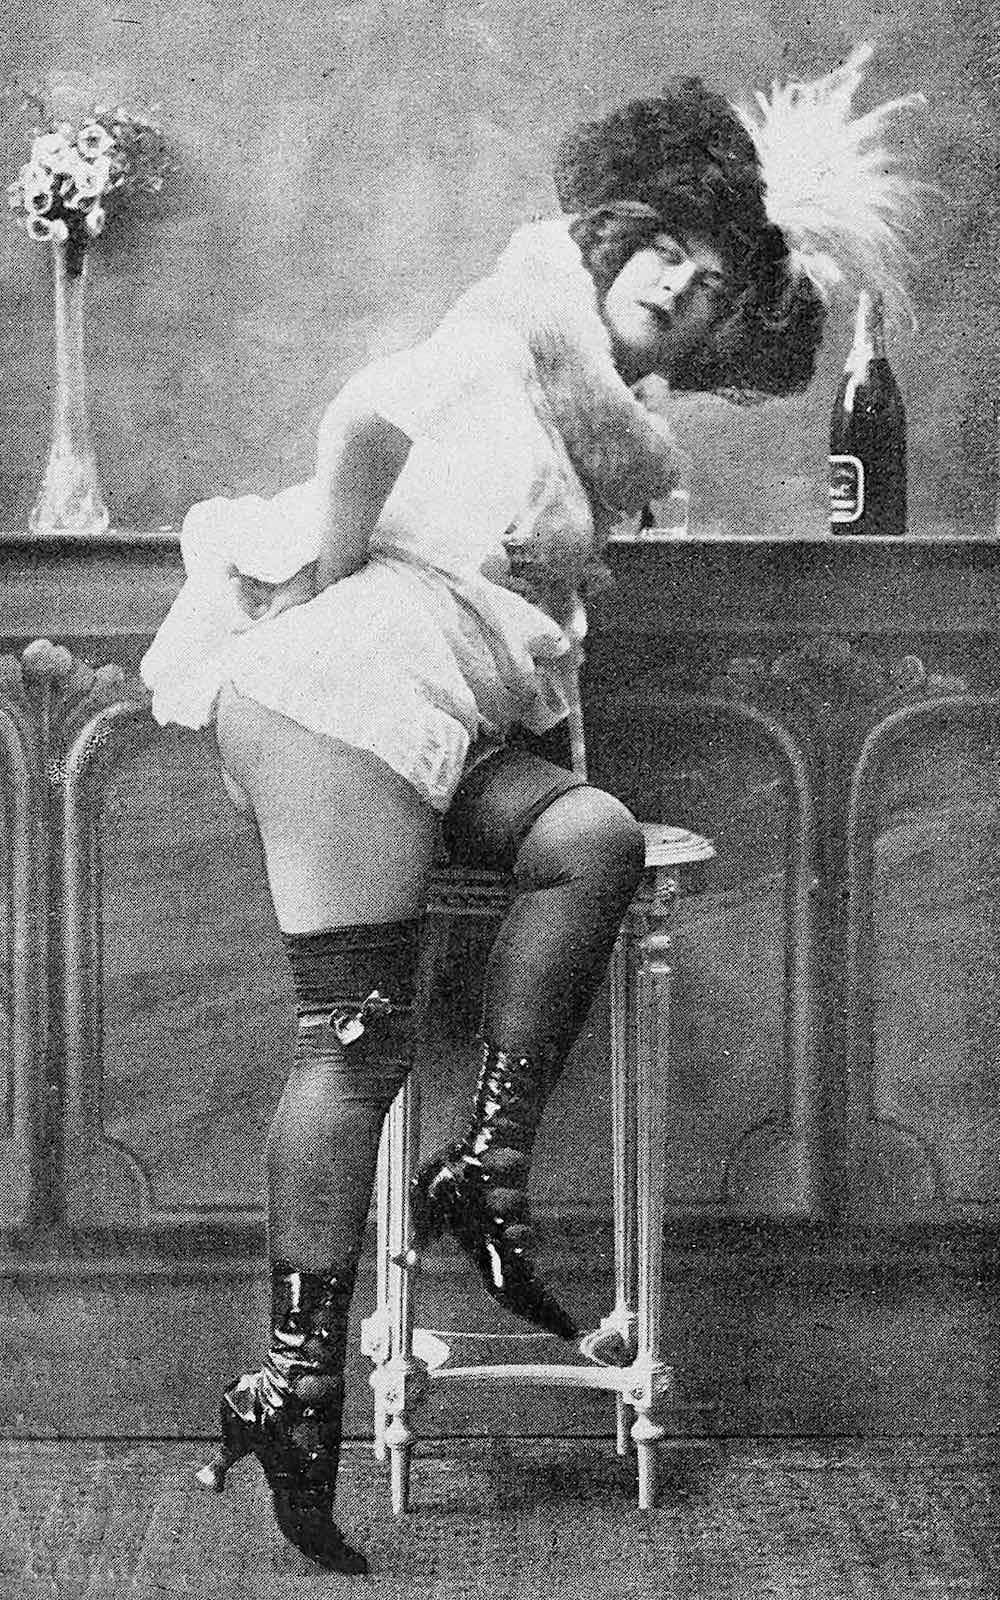 1910 erotica, a photograph